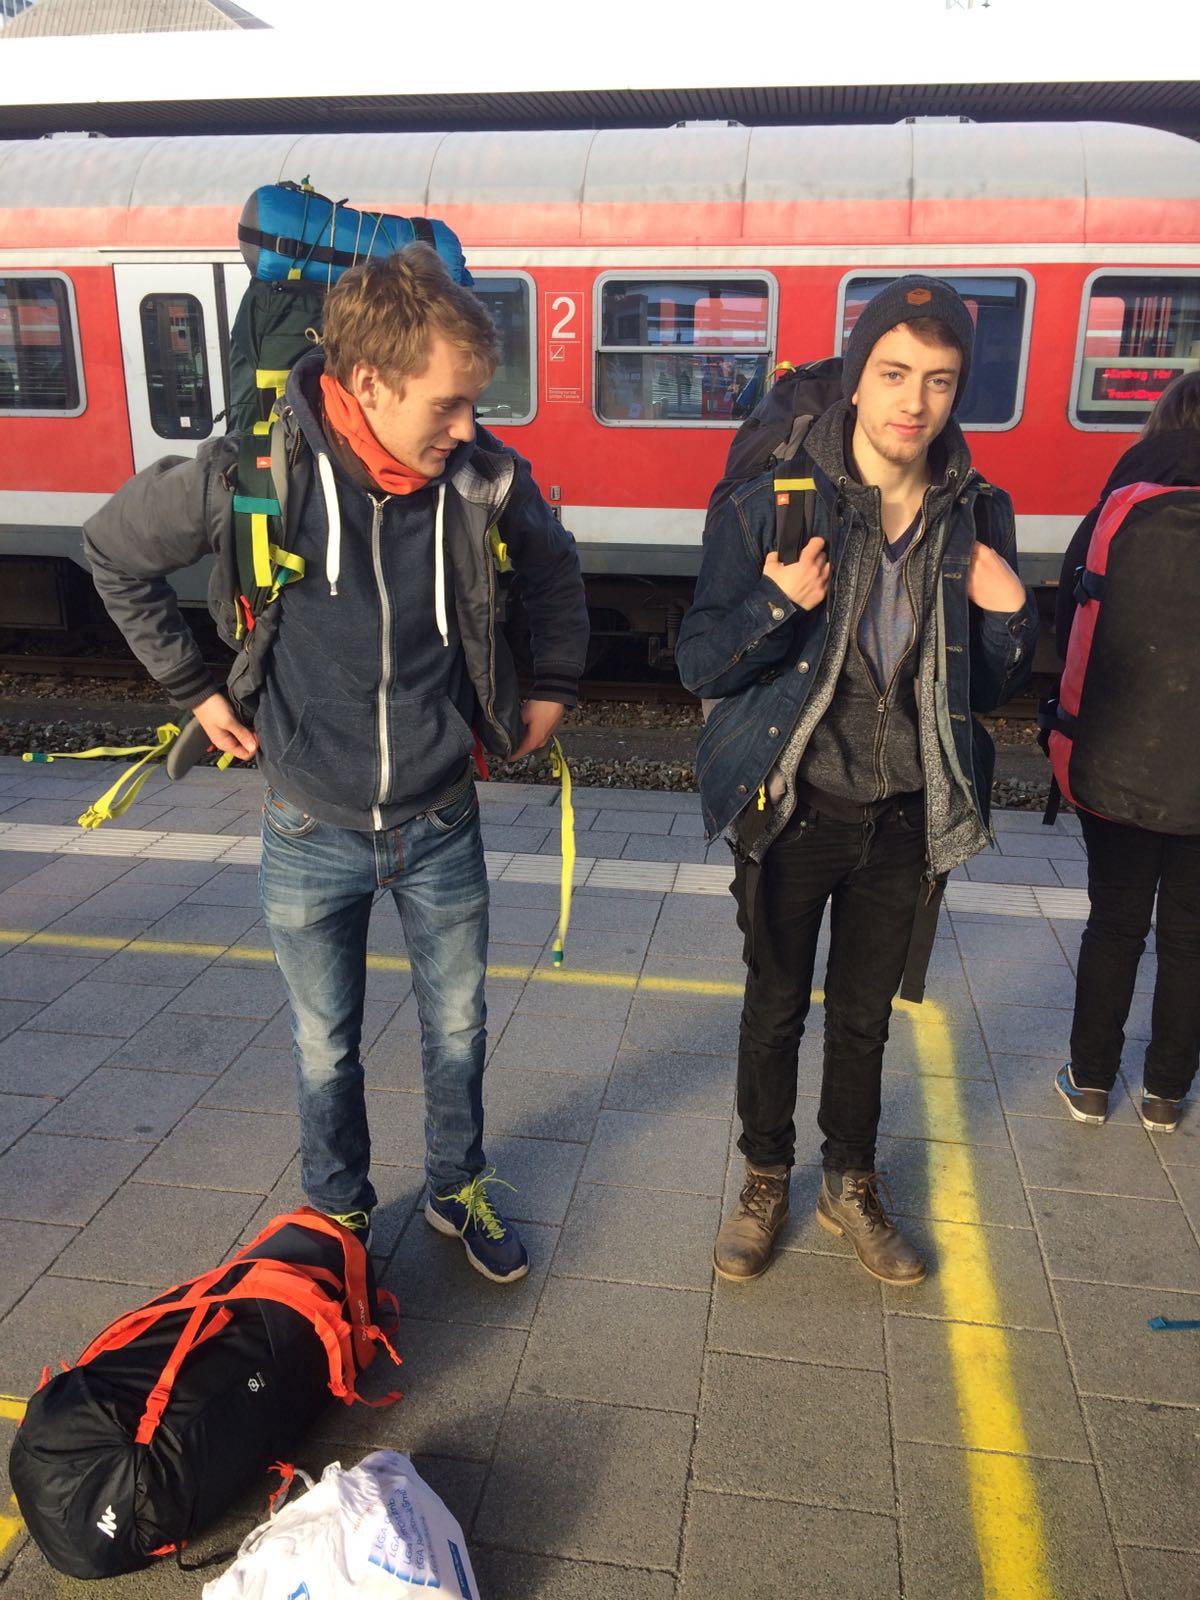 28.11.16 Abschied in Nürnberg